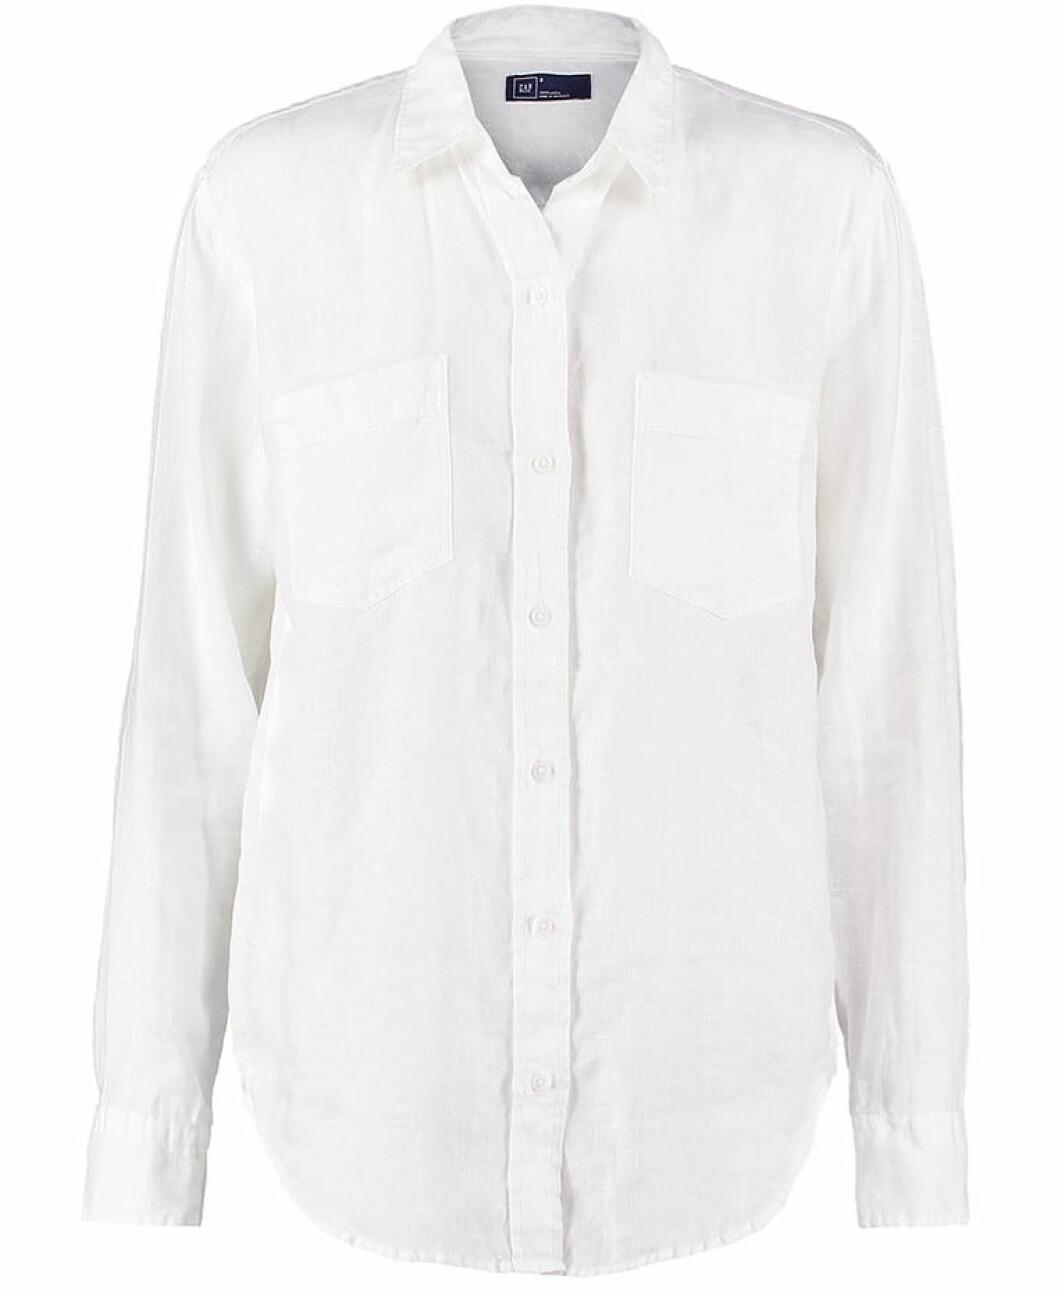 vit linneskjorta